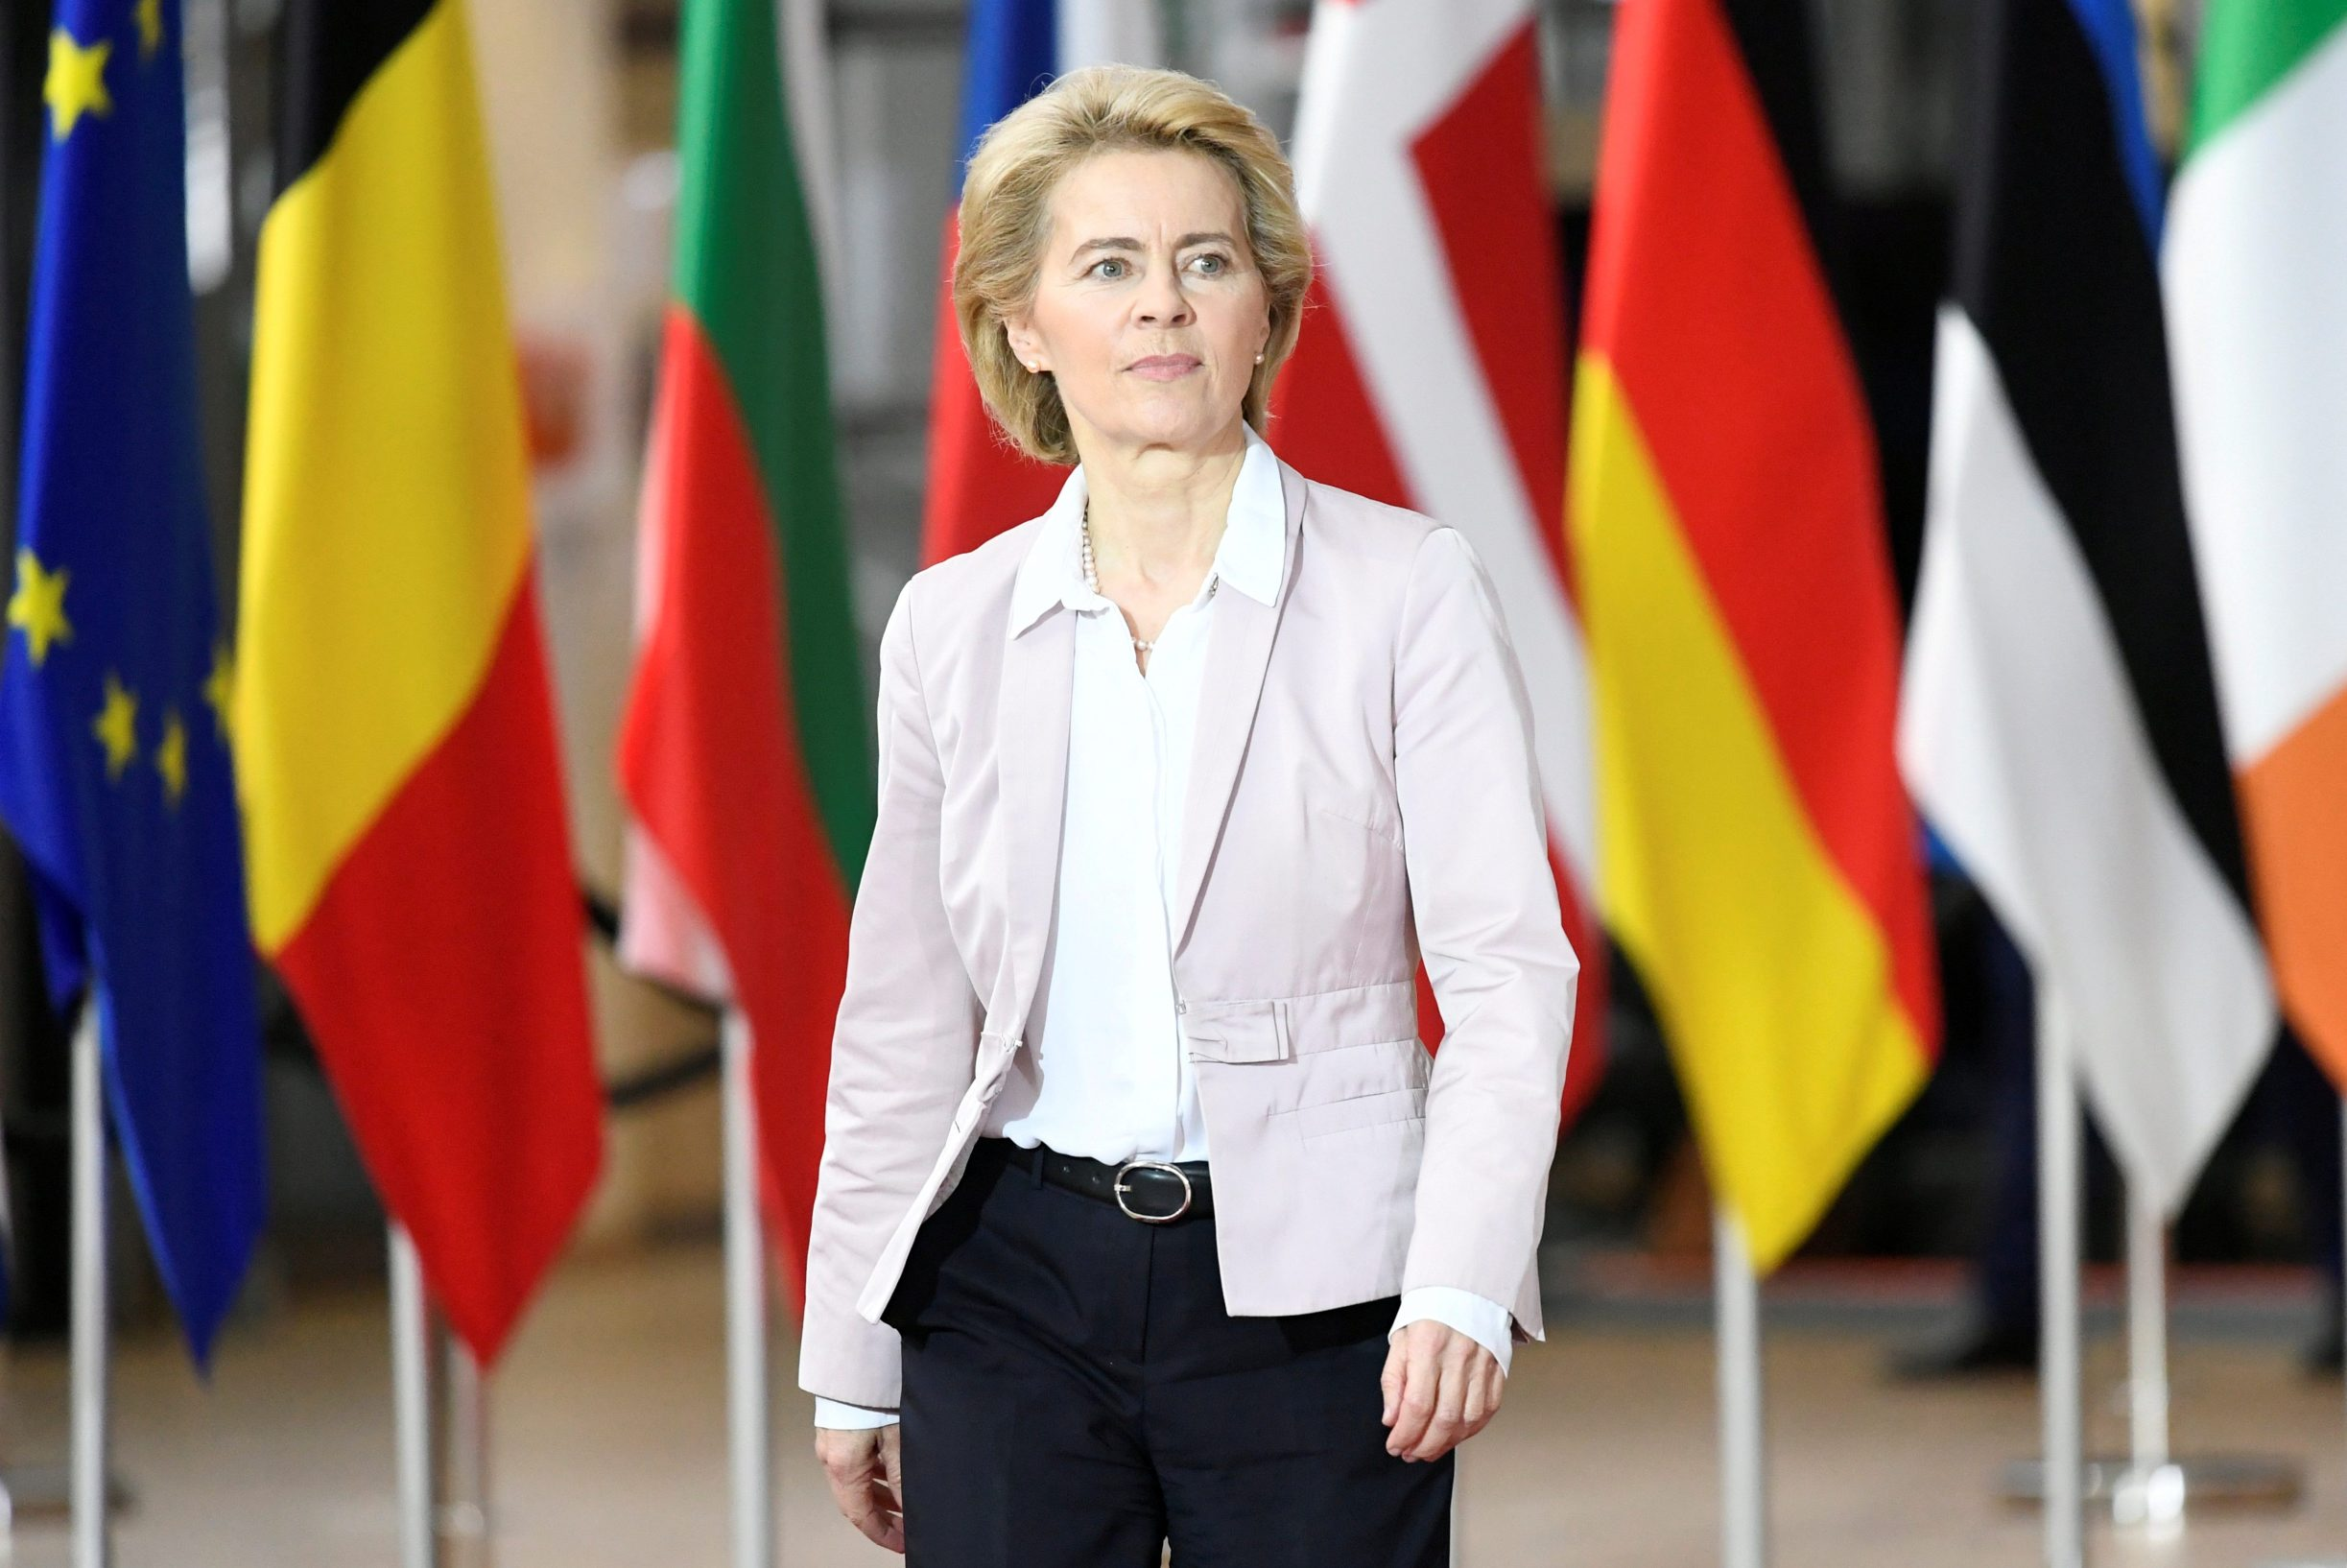 Predsjednica Europske komisije Ursula Von der Leyen